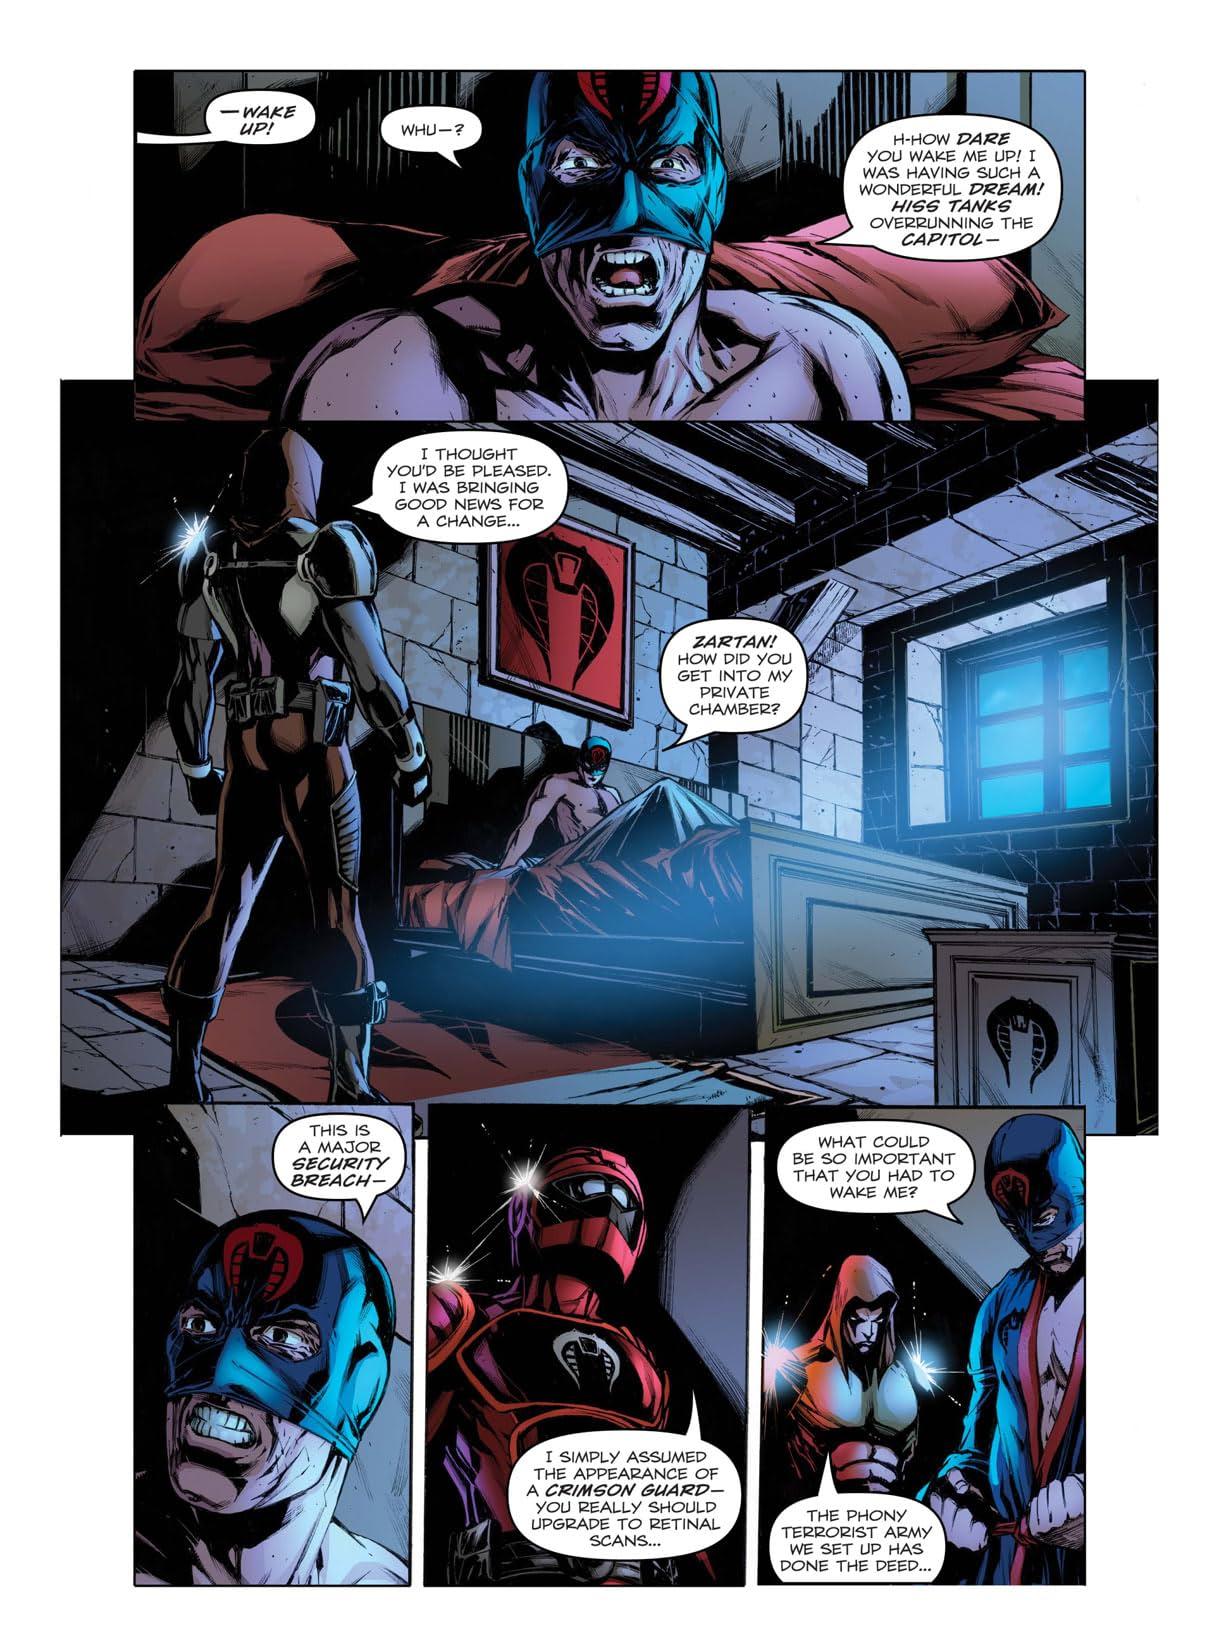 G.I. Joe: A Real American Hero #155-1/2